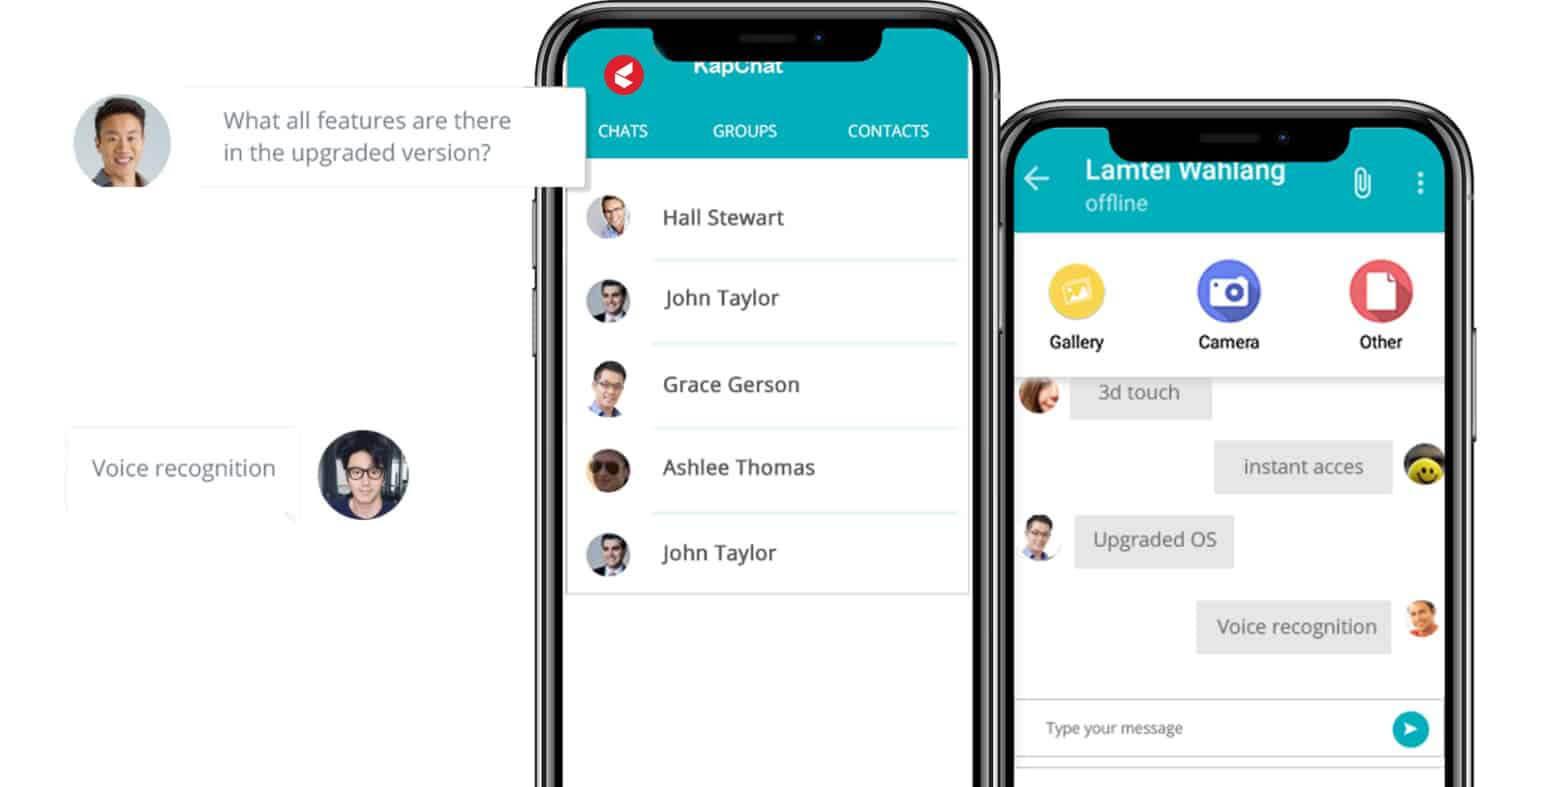 Employee Platform with Kapchat